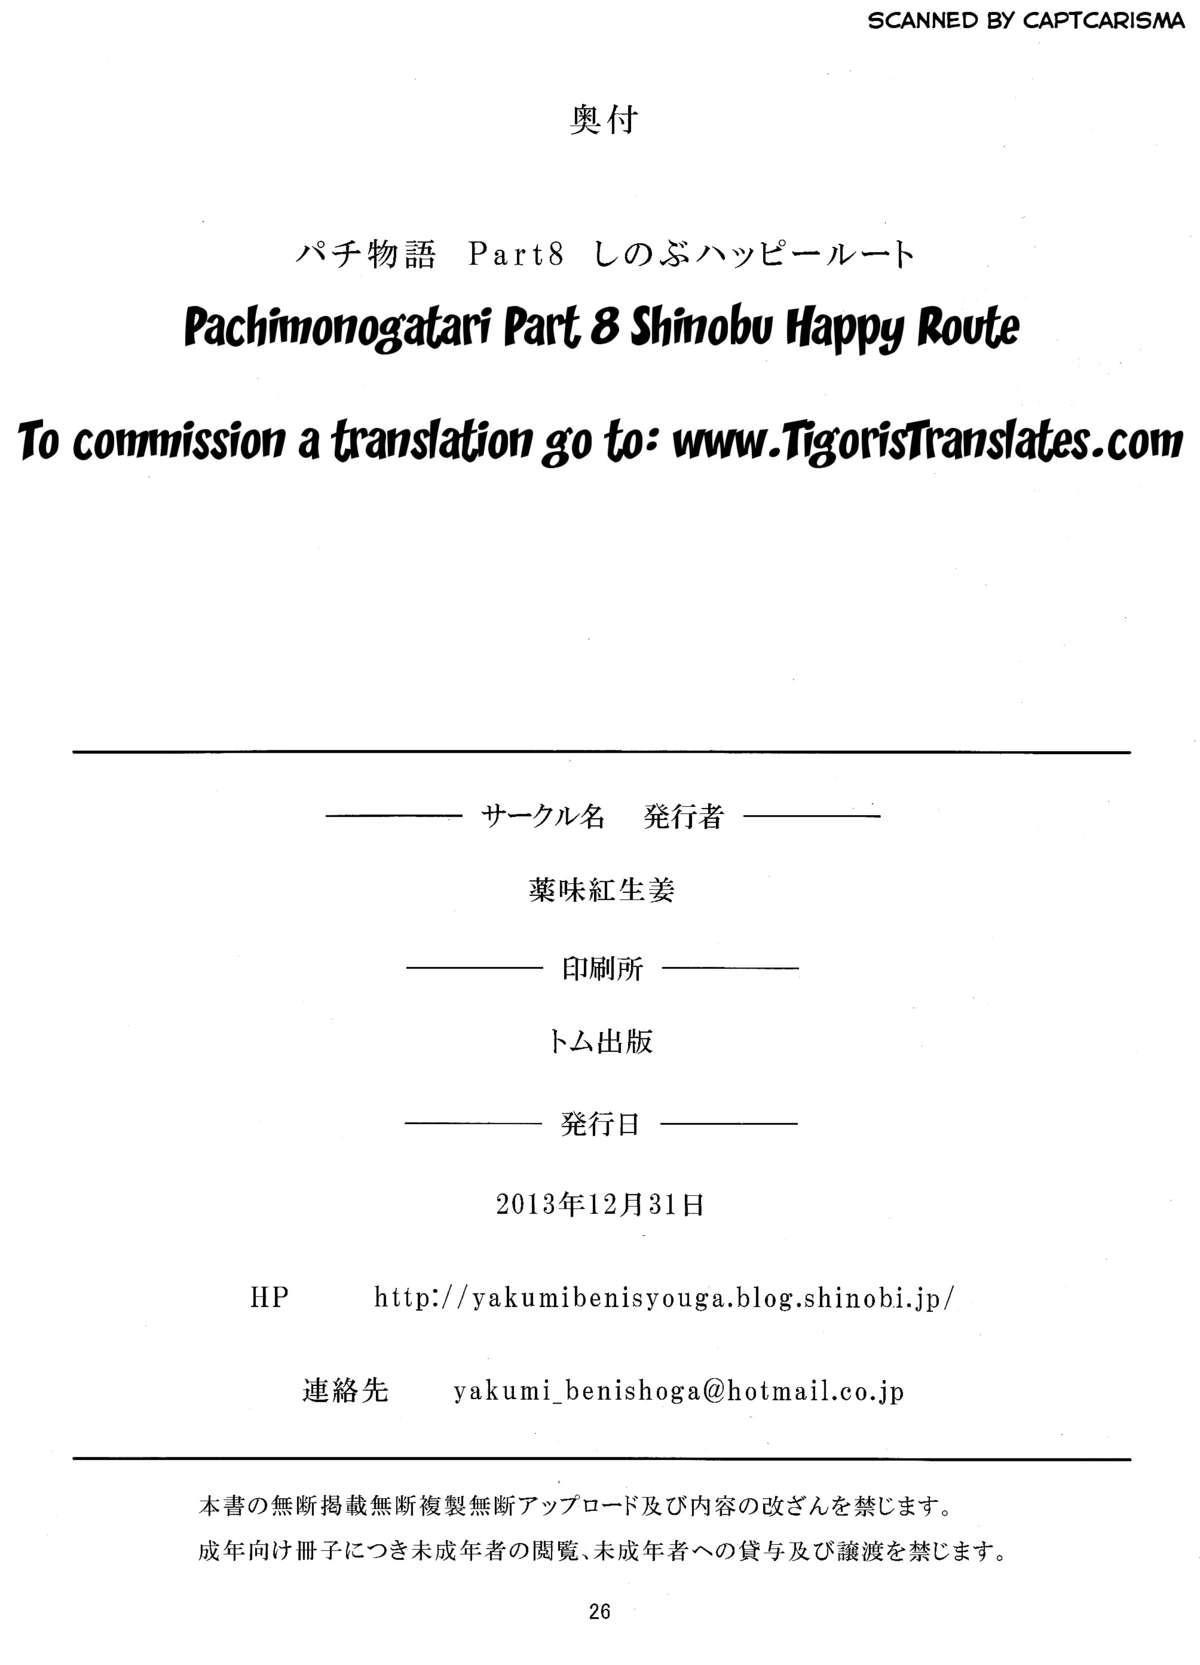 Pachimonogatari: Shinobu Happy Route 24